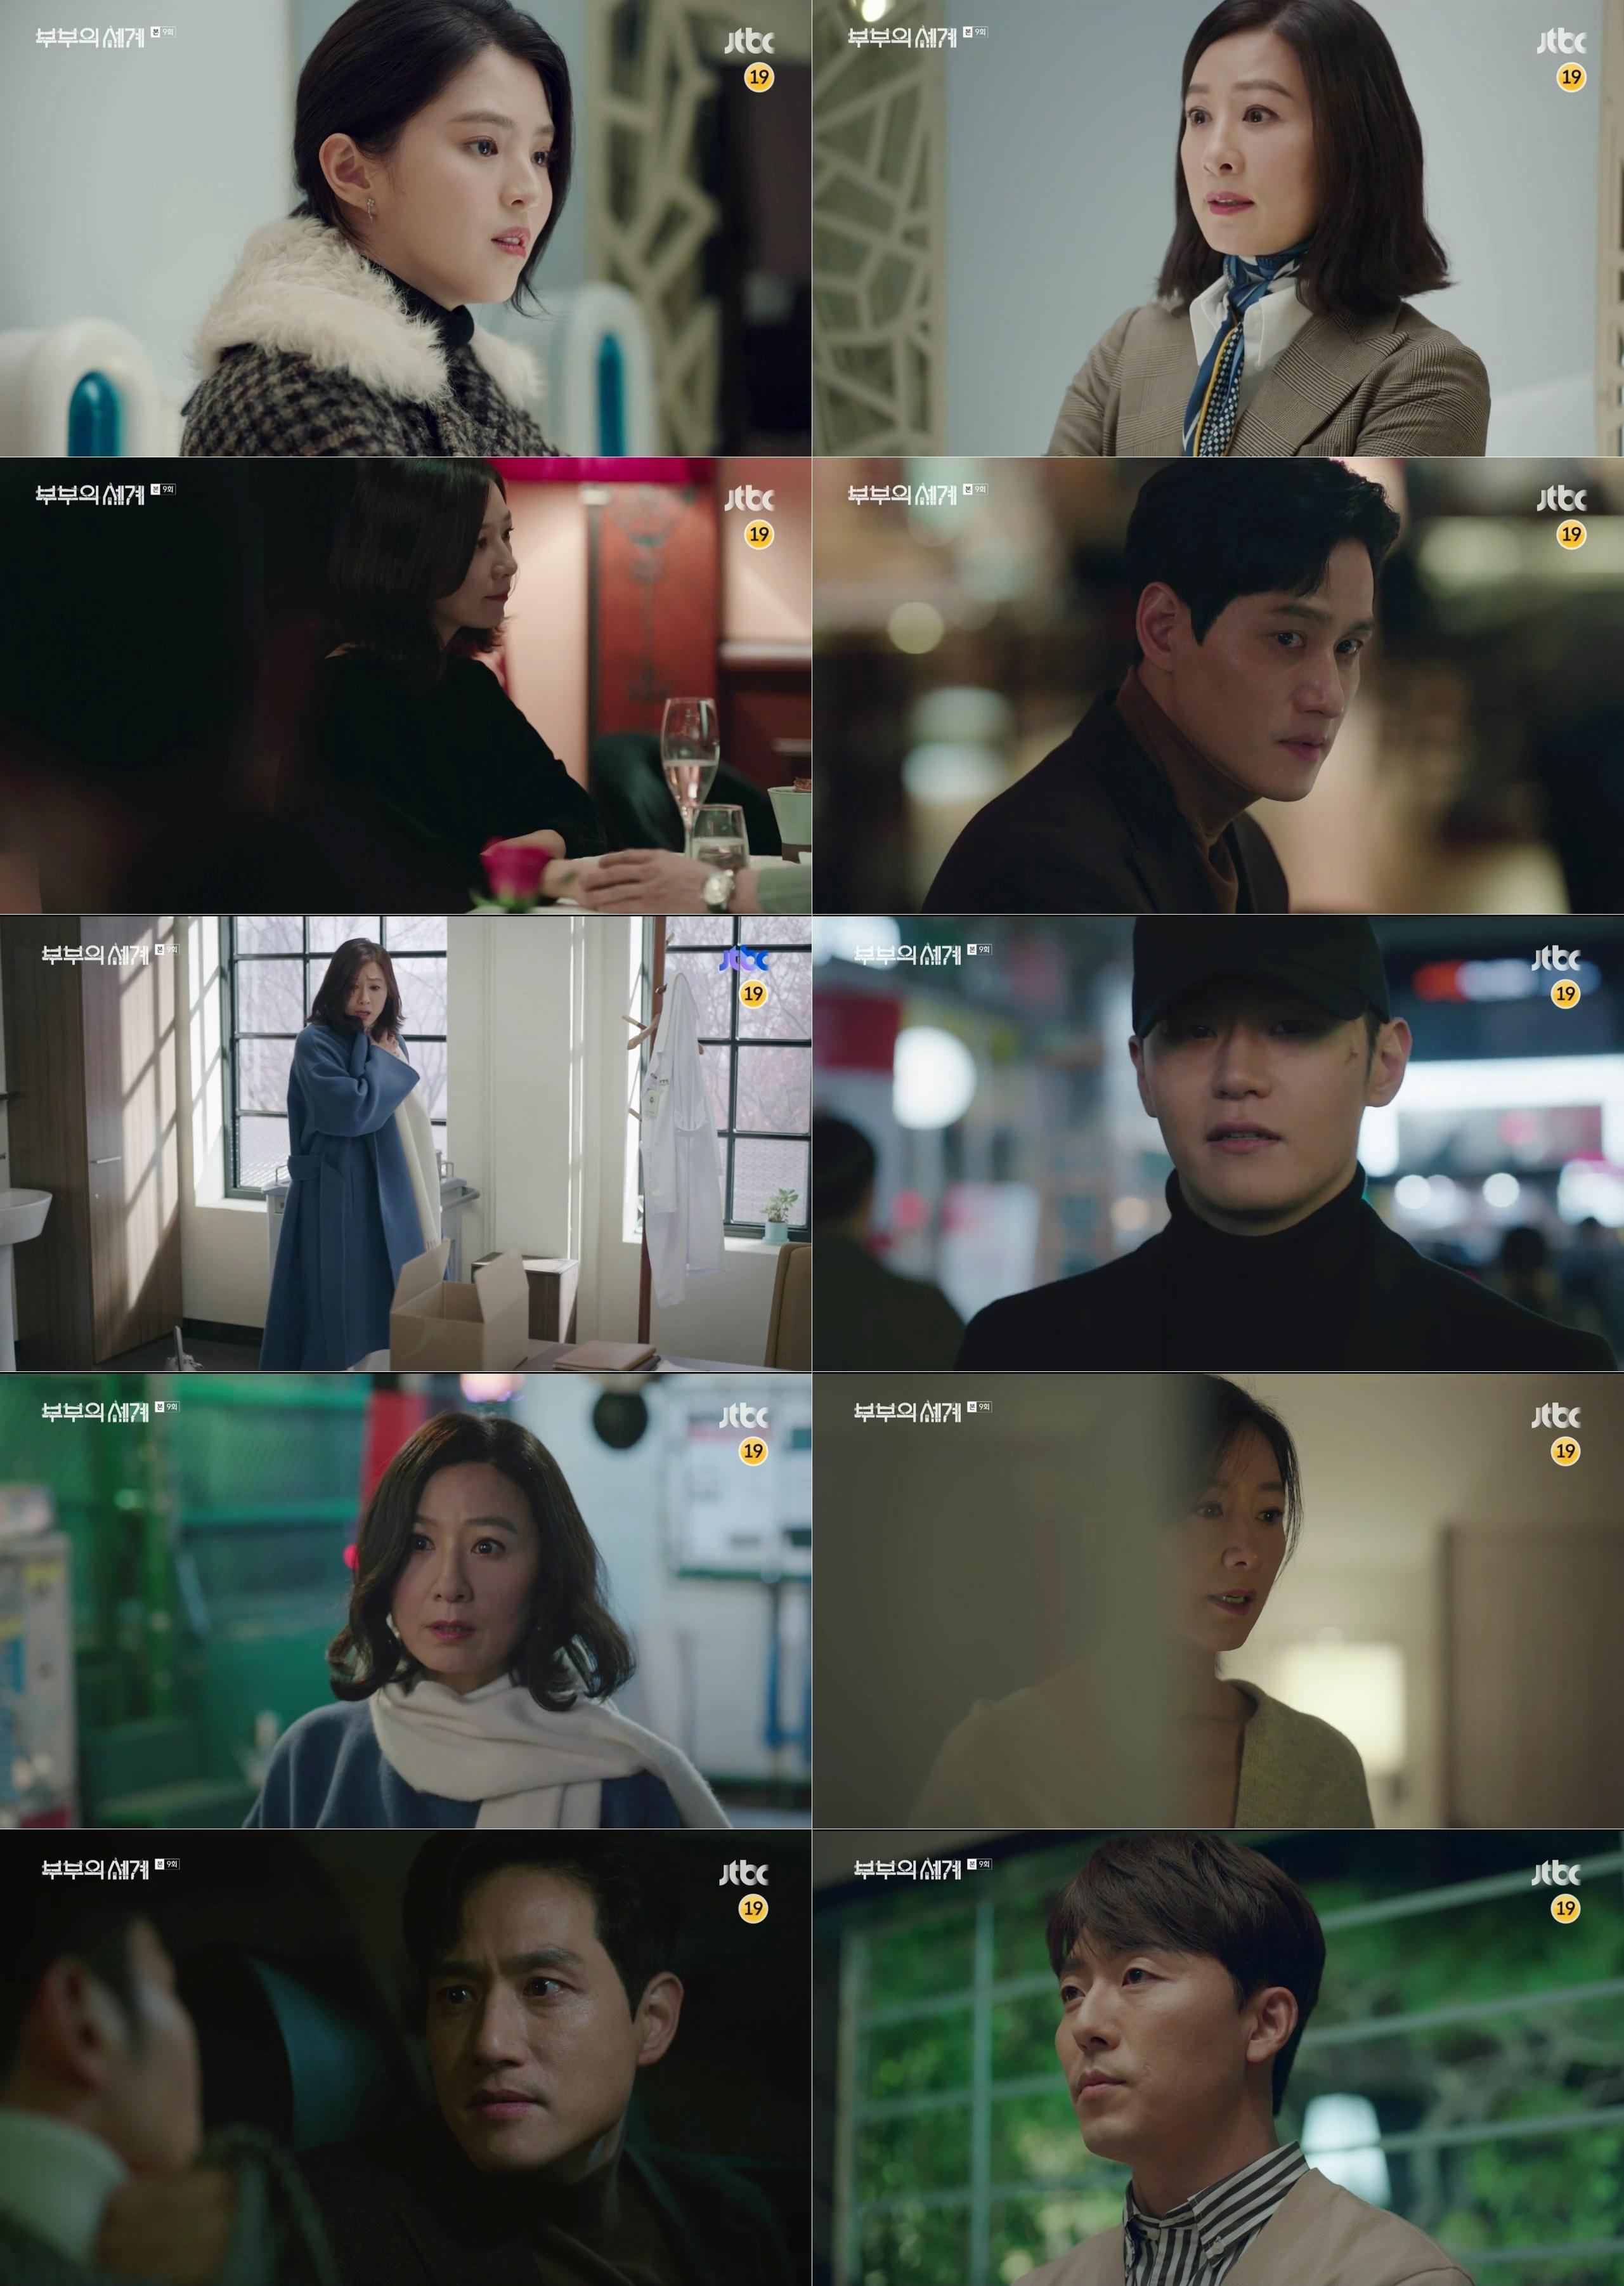 '부부의 세계' 이무생, 김희애X박해준 관계 이경영에게 보고… 시청률 23% 돌파